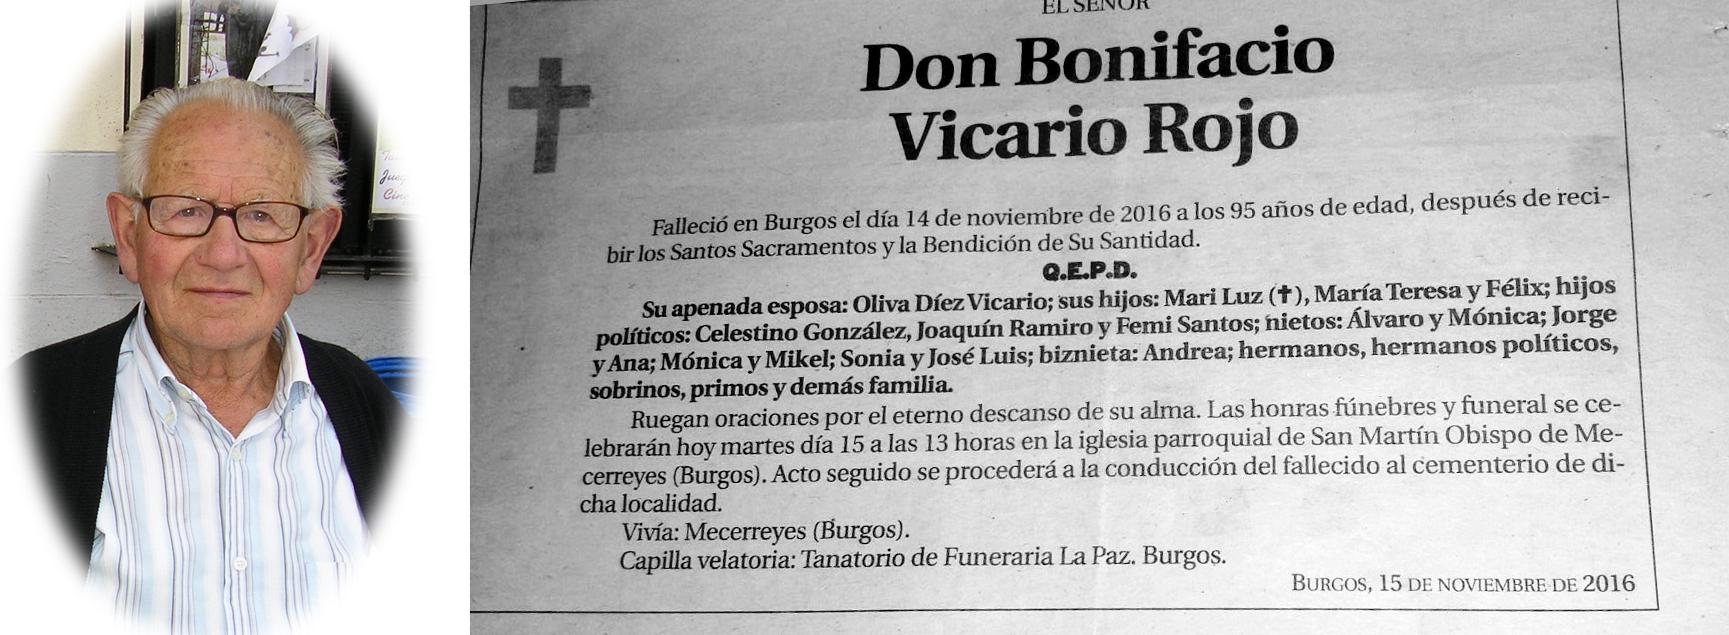 Bonifacio Vicario Rojo, falleció en Burgos el 14 de noviembre de 2016, a los 95 años